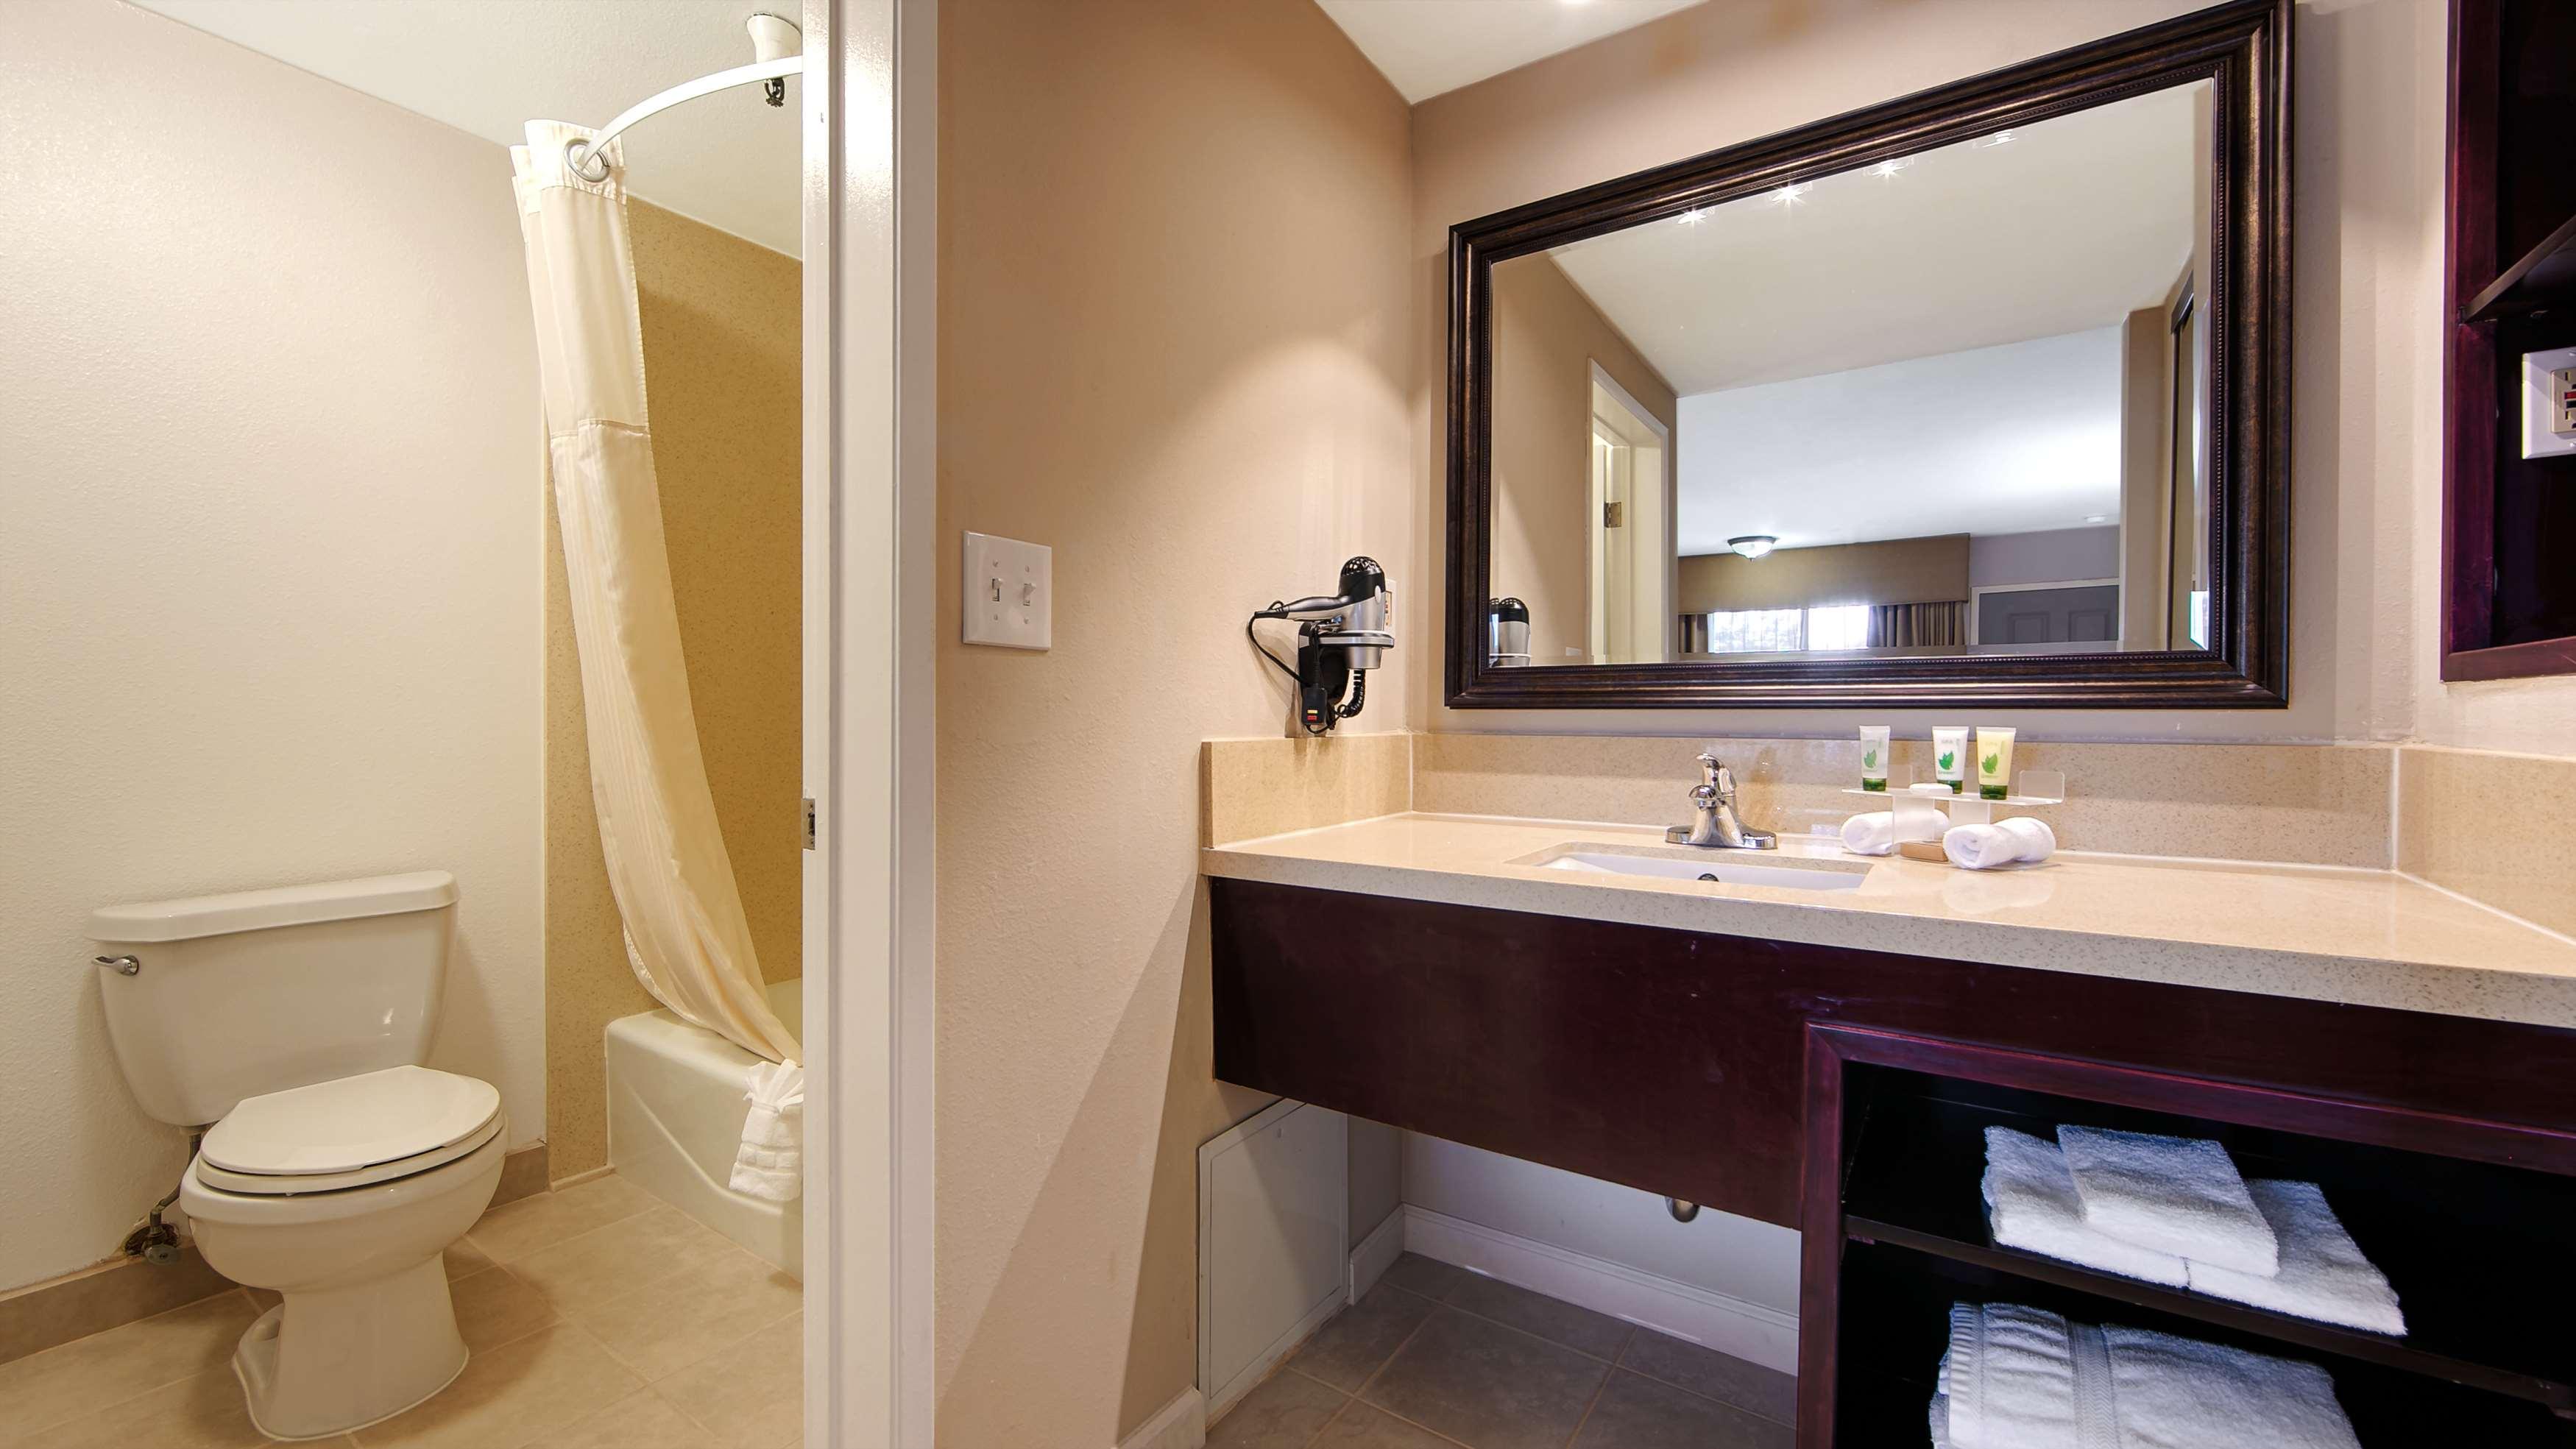 Best Western Pasadena Royale Inn & Suites image 7